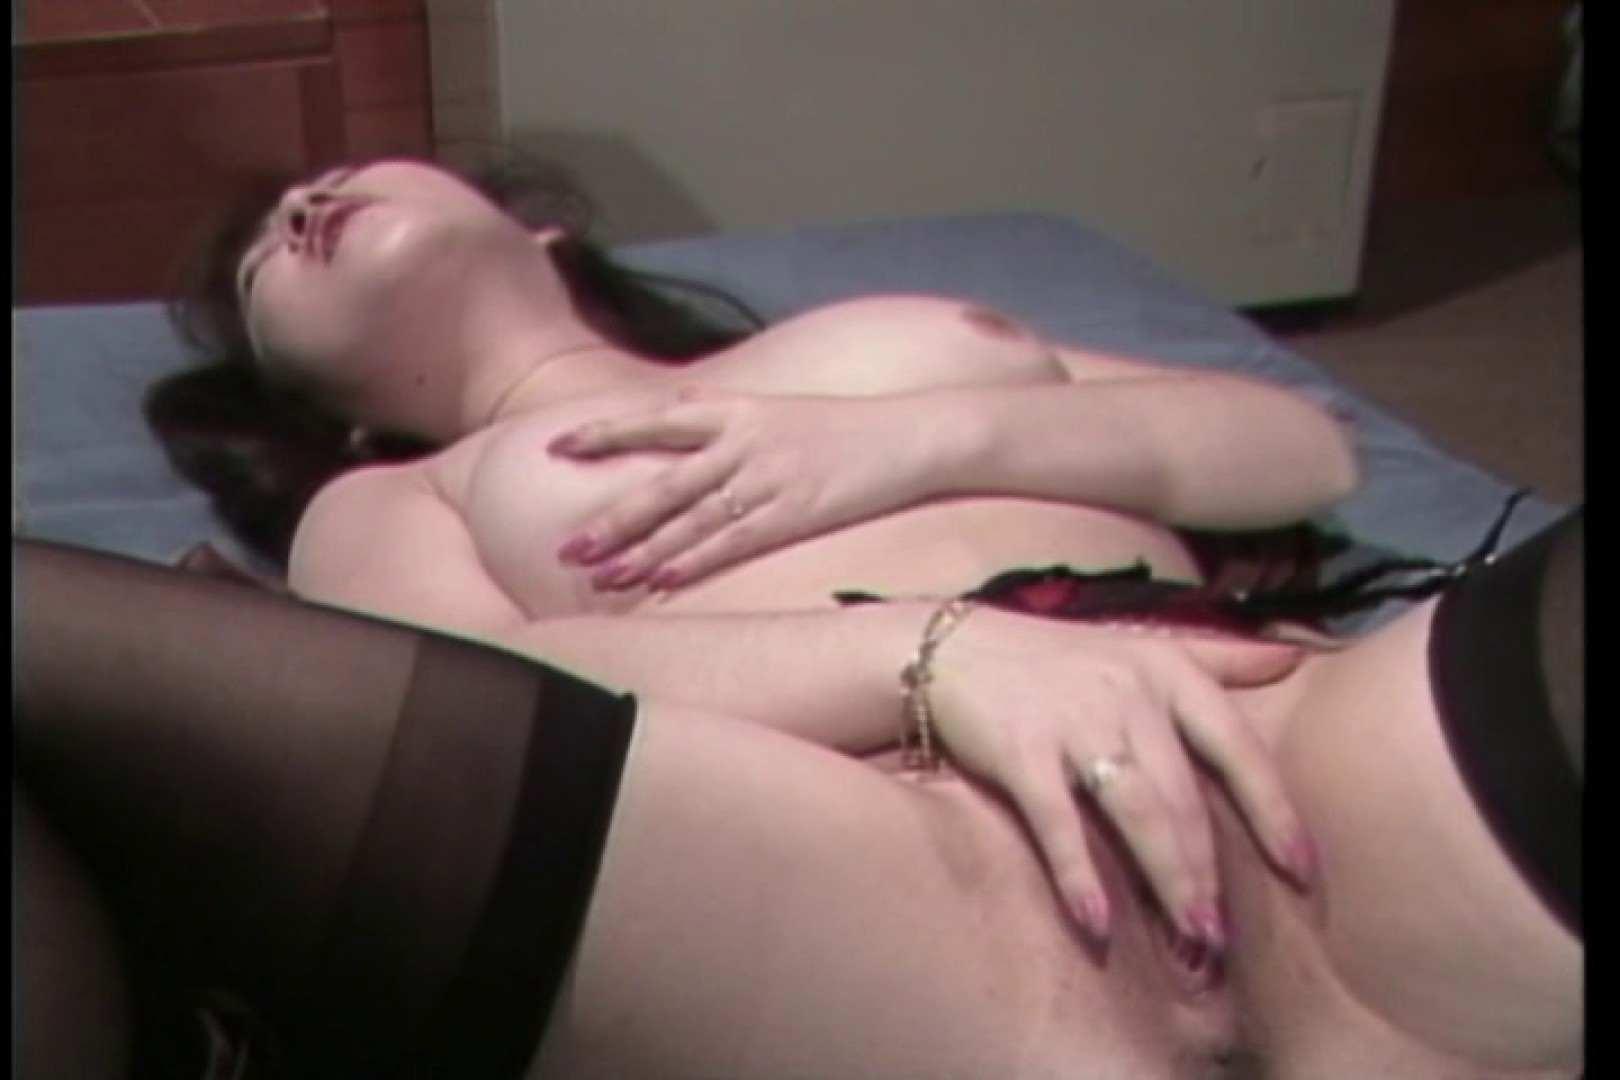 変態亜美のアブノーマルな世界・前編~夢野亜美~ オナニー特集   巨乳デカ乳  112画像 70